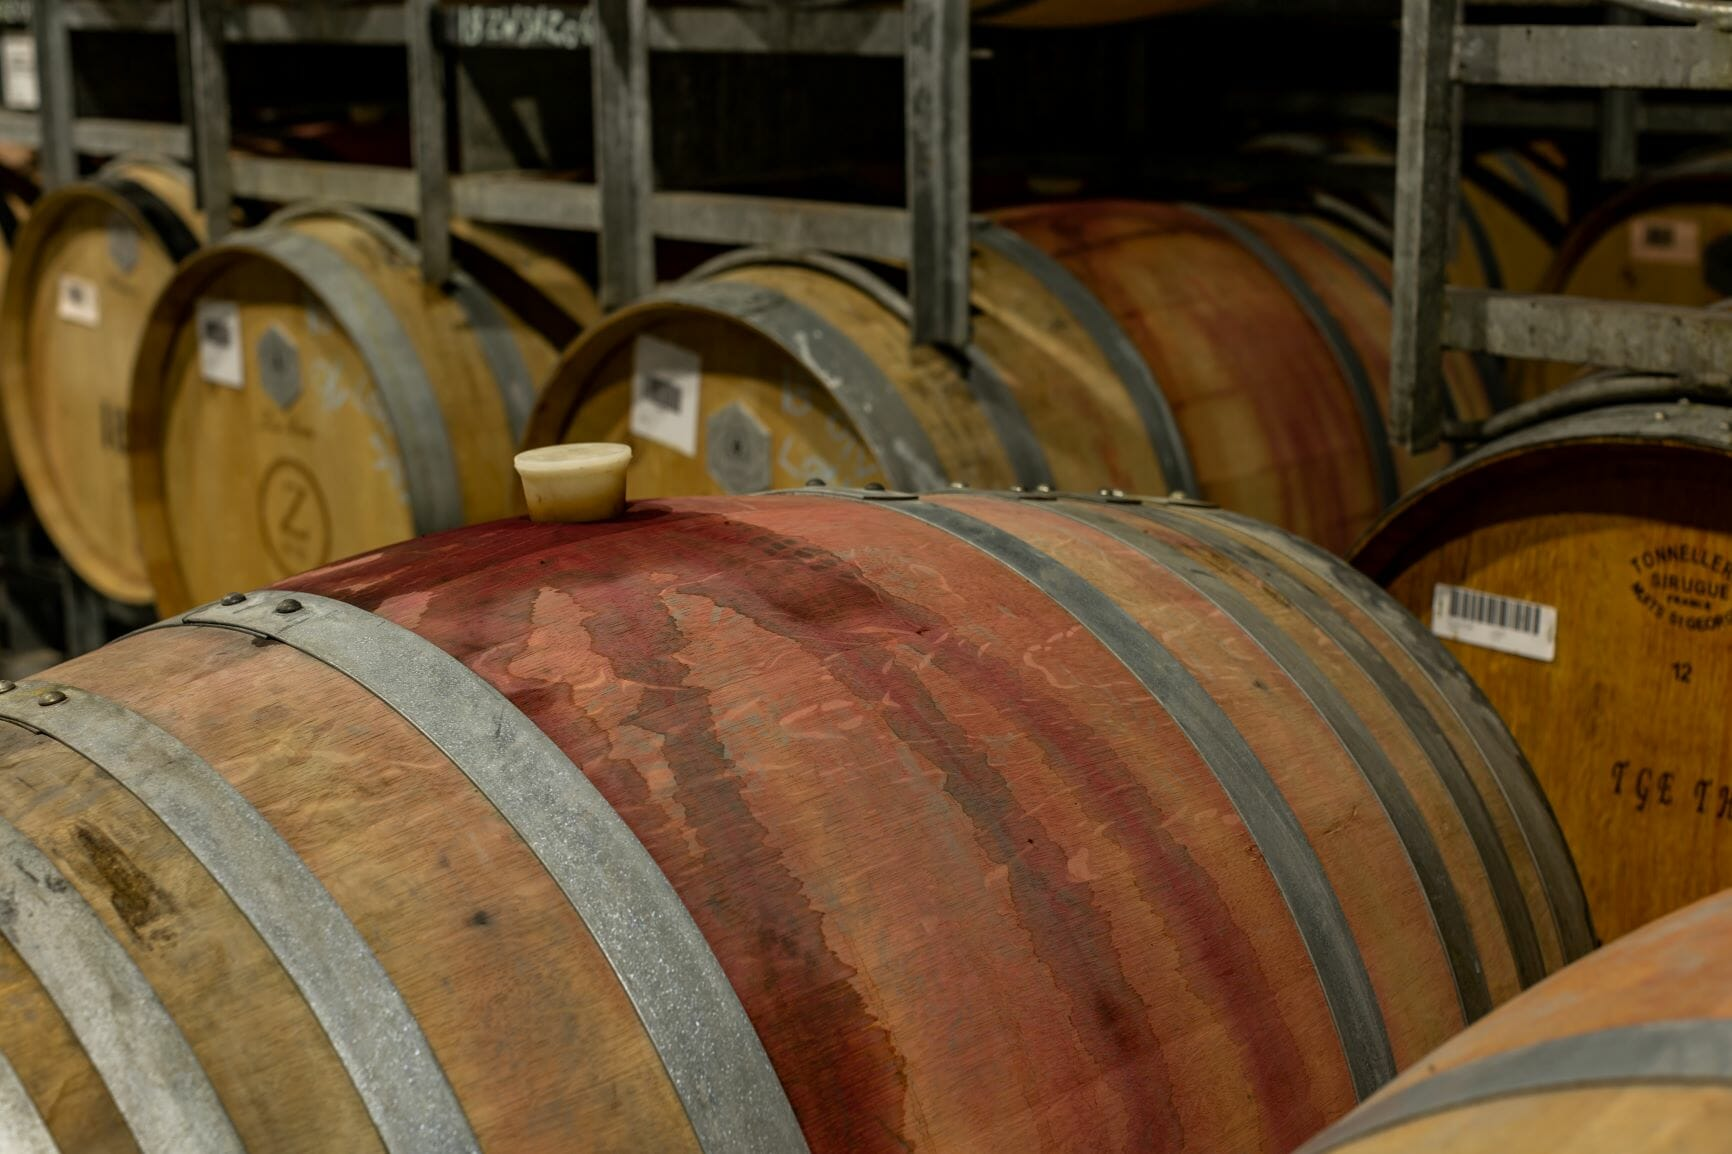 barrel wine spill